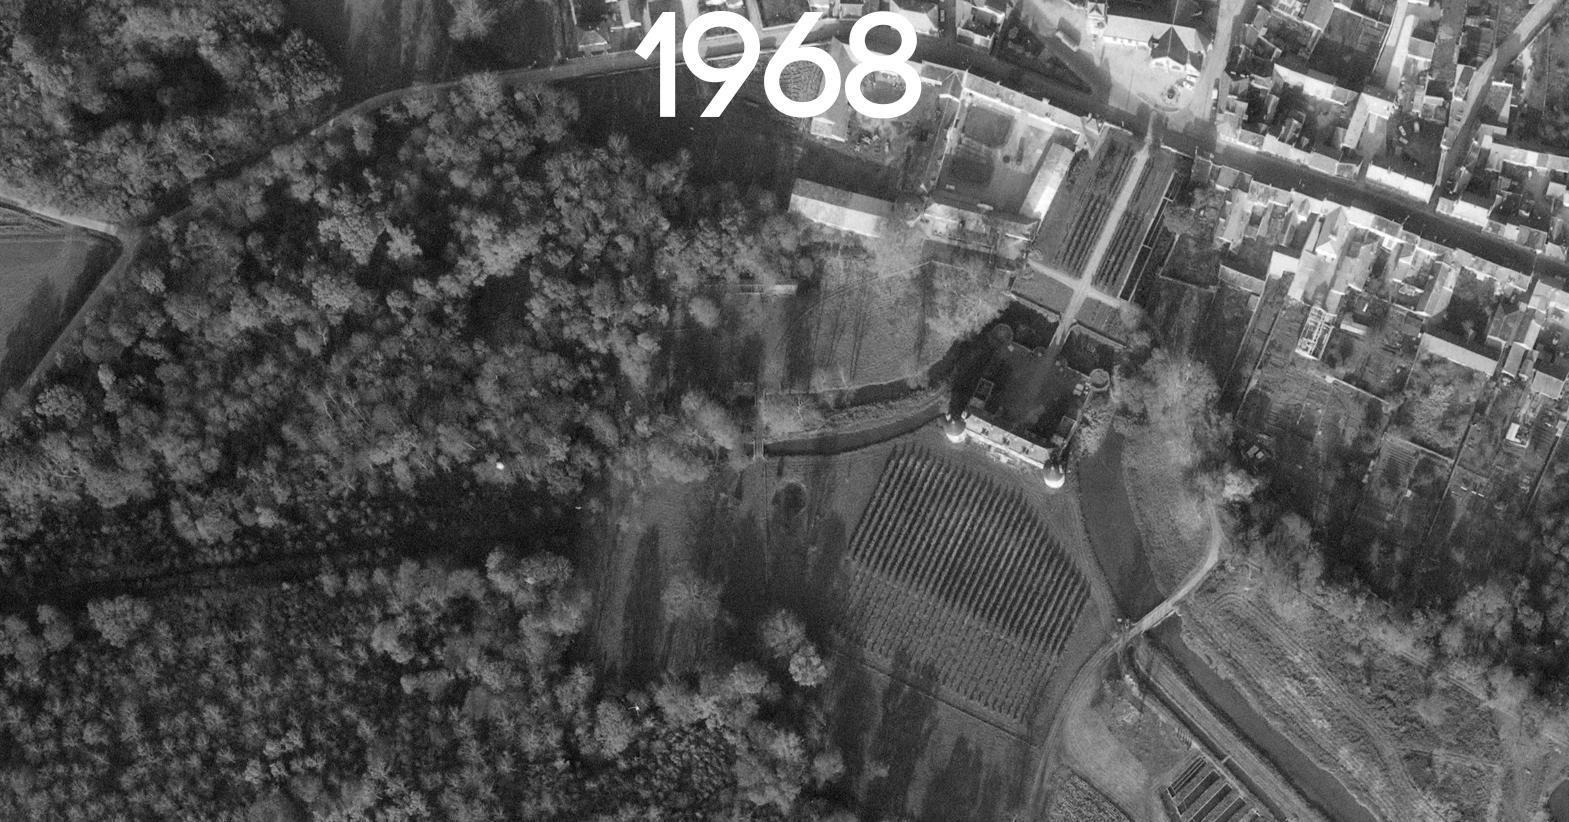 Château abandonné en Île-de-France | urbexsession.com/chateau-popkov | Urbex France